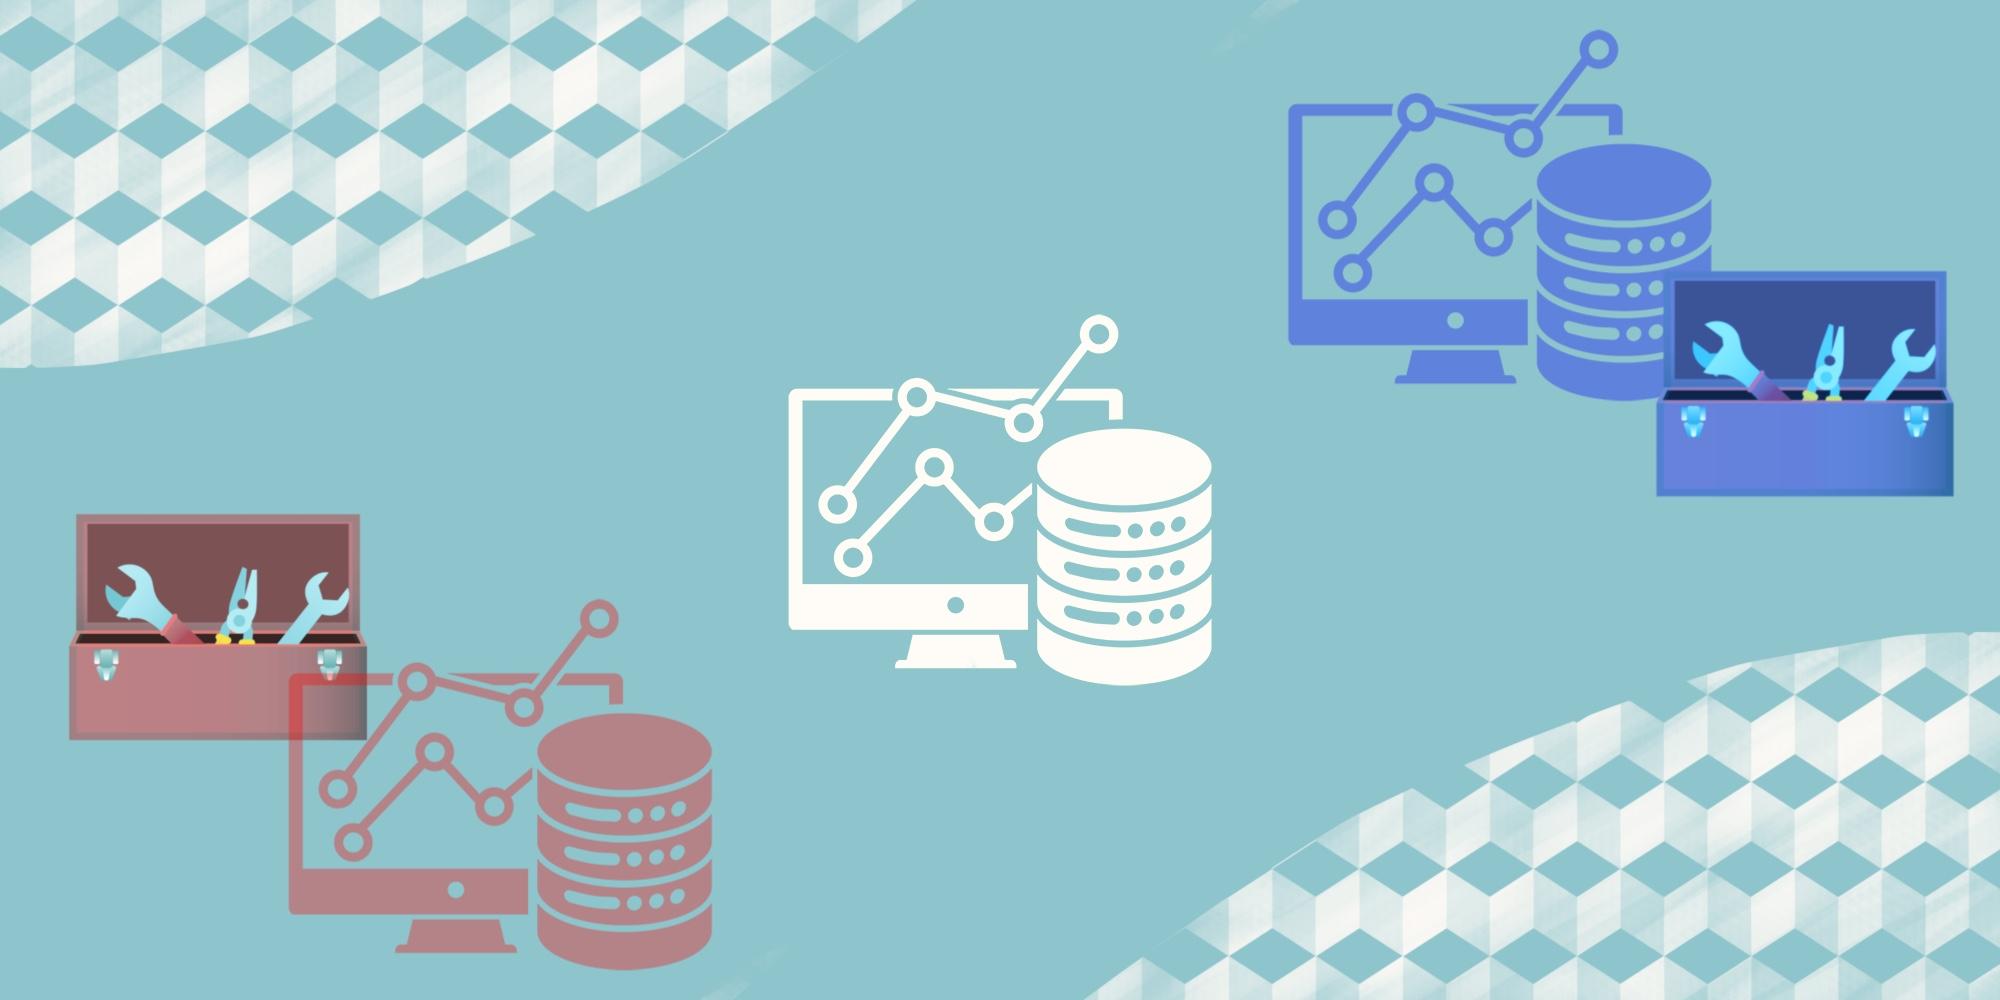 📊 ТОП-10 необходимых для специалиста по Big Data навыков